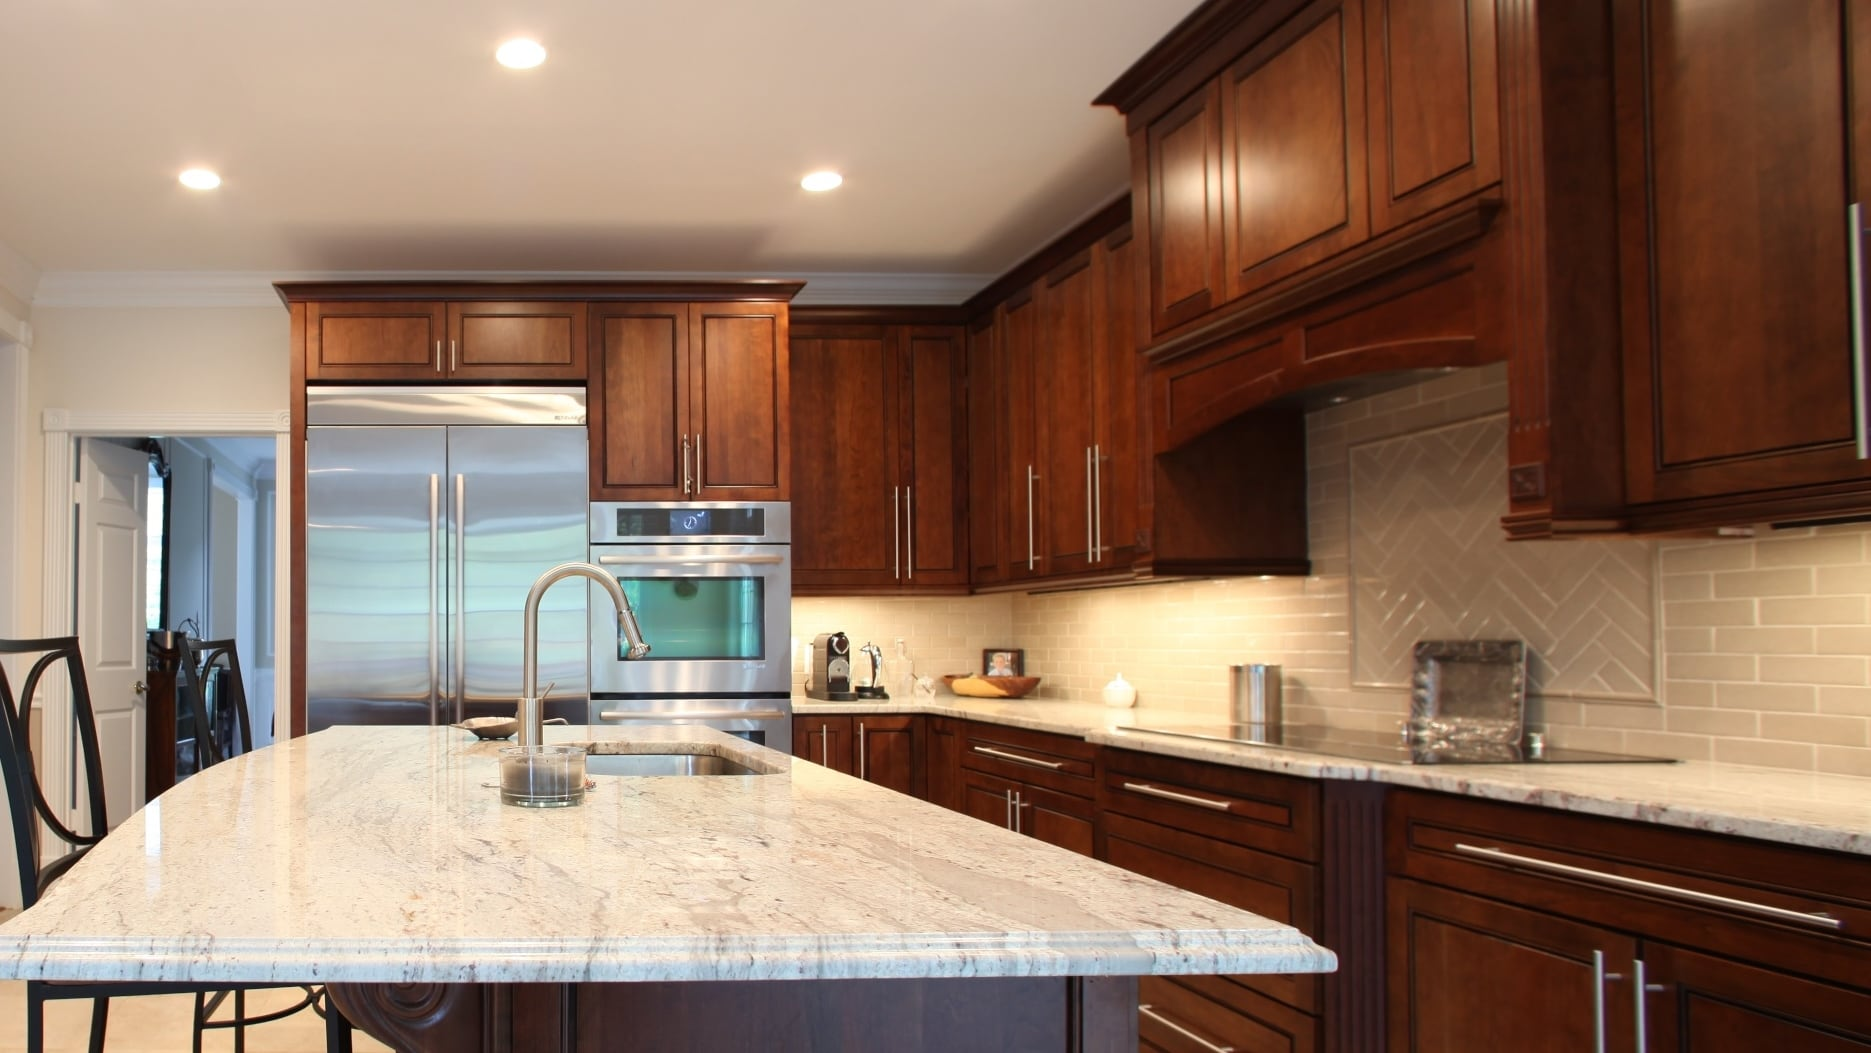 DiTullio Kitchen - Hambleton Construction (1)